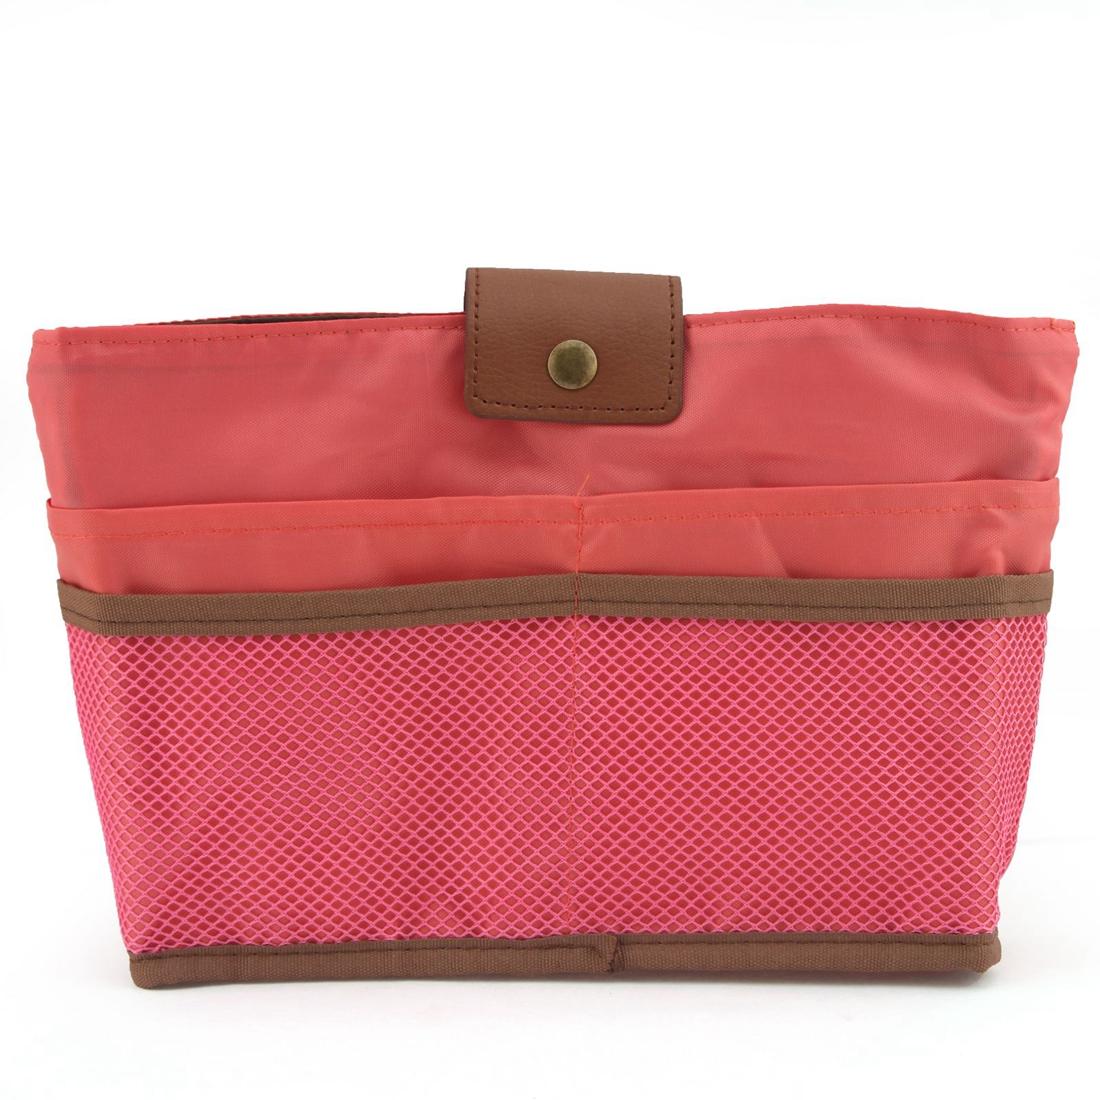 NicerDicer Красный цвет женская сумка организатор поездки функцию хранения дело по телефону косметические нуждается в темно красный